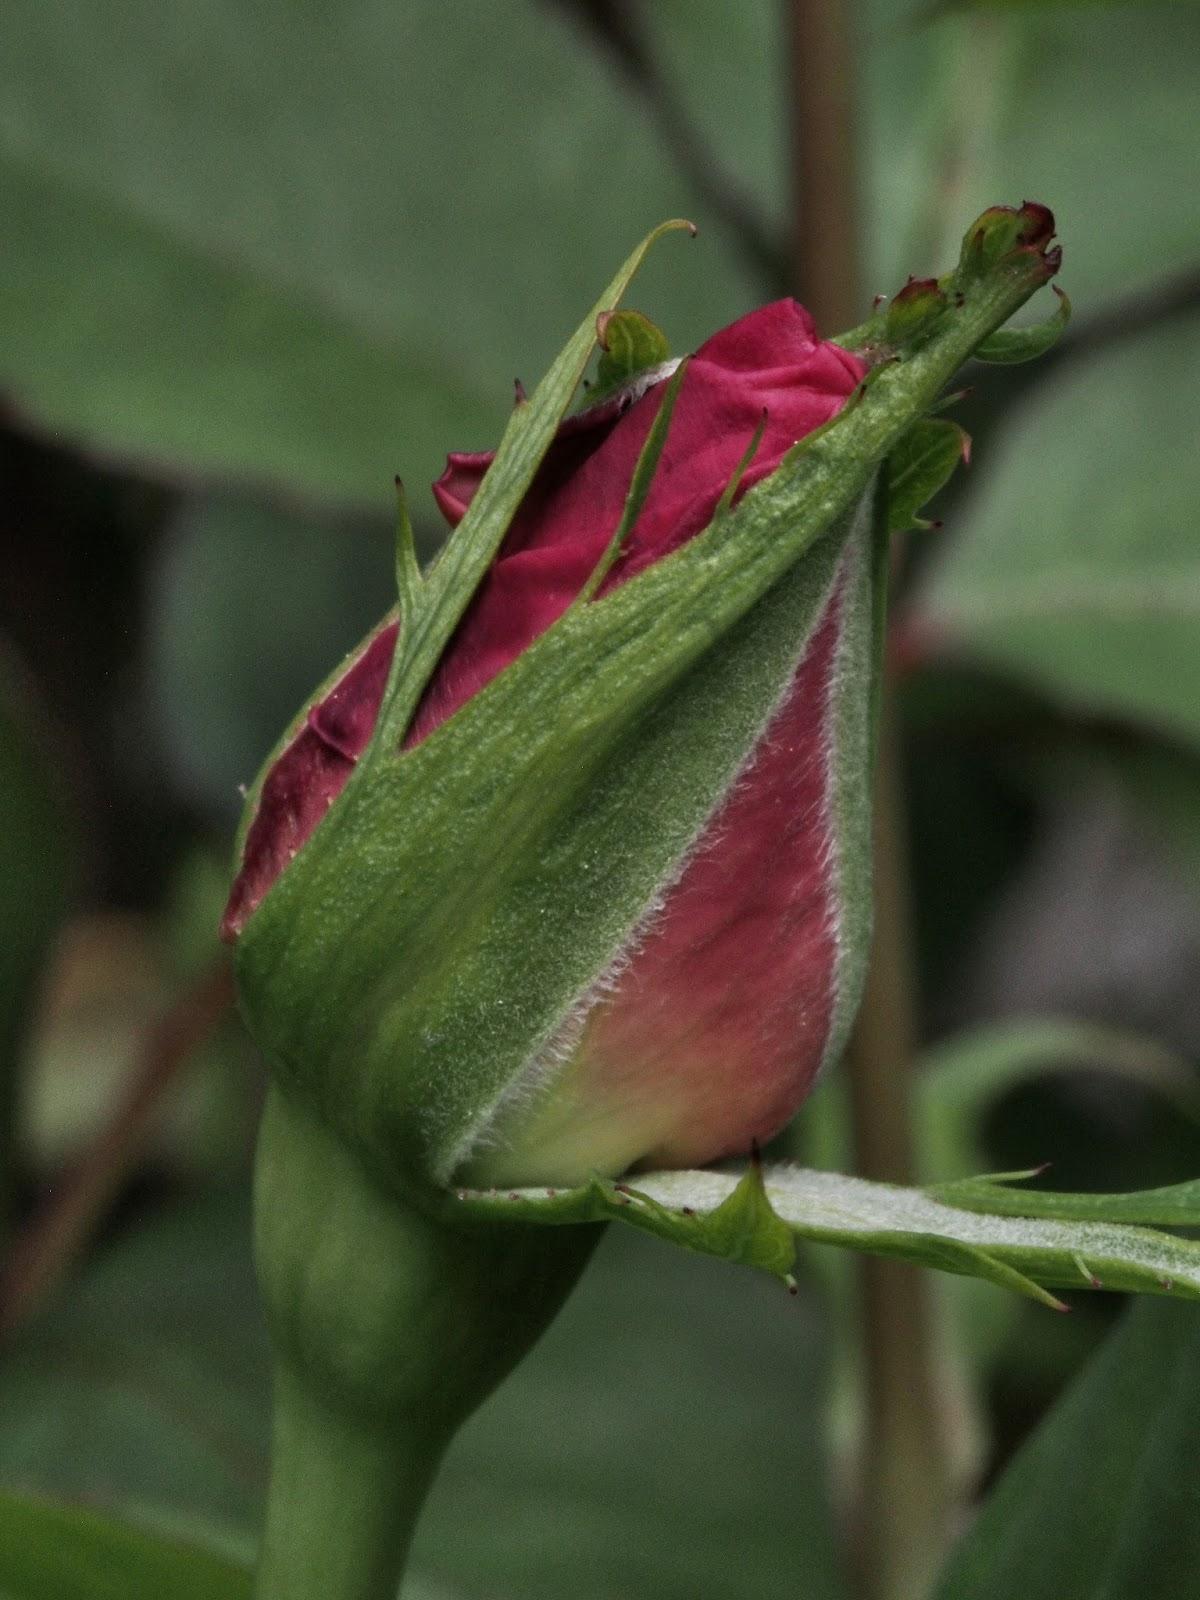 Peeling Open #rosebud #rose #centralpark #shakespearesgarden #nyc 2014